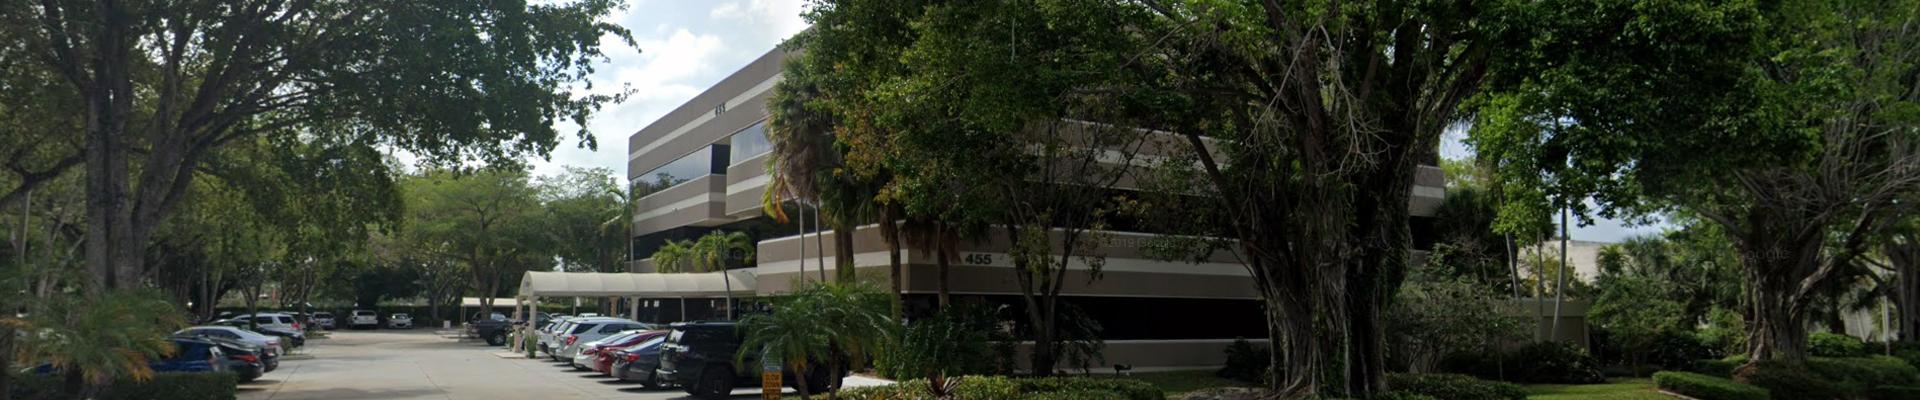 Fairway Executive Center